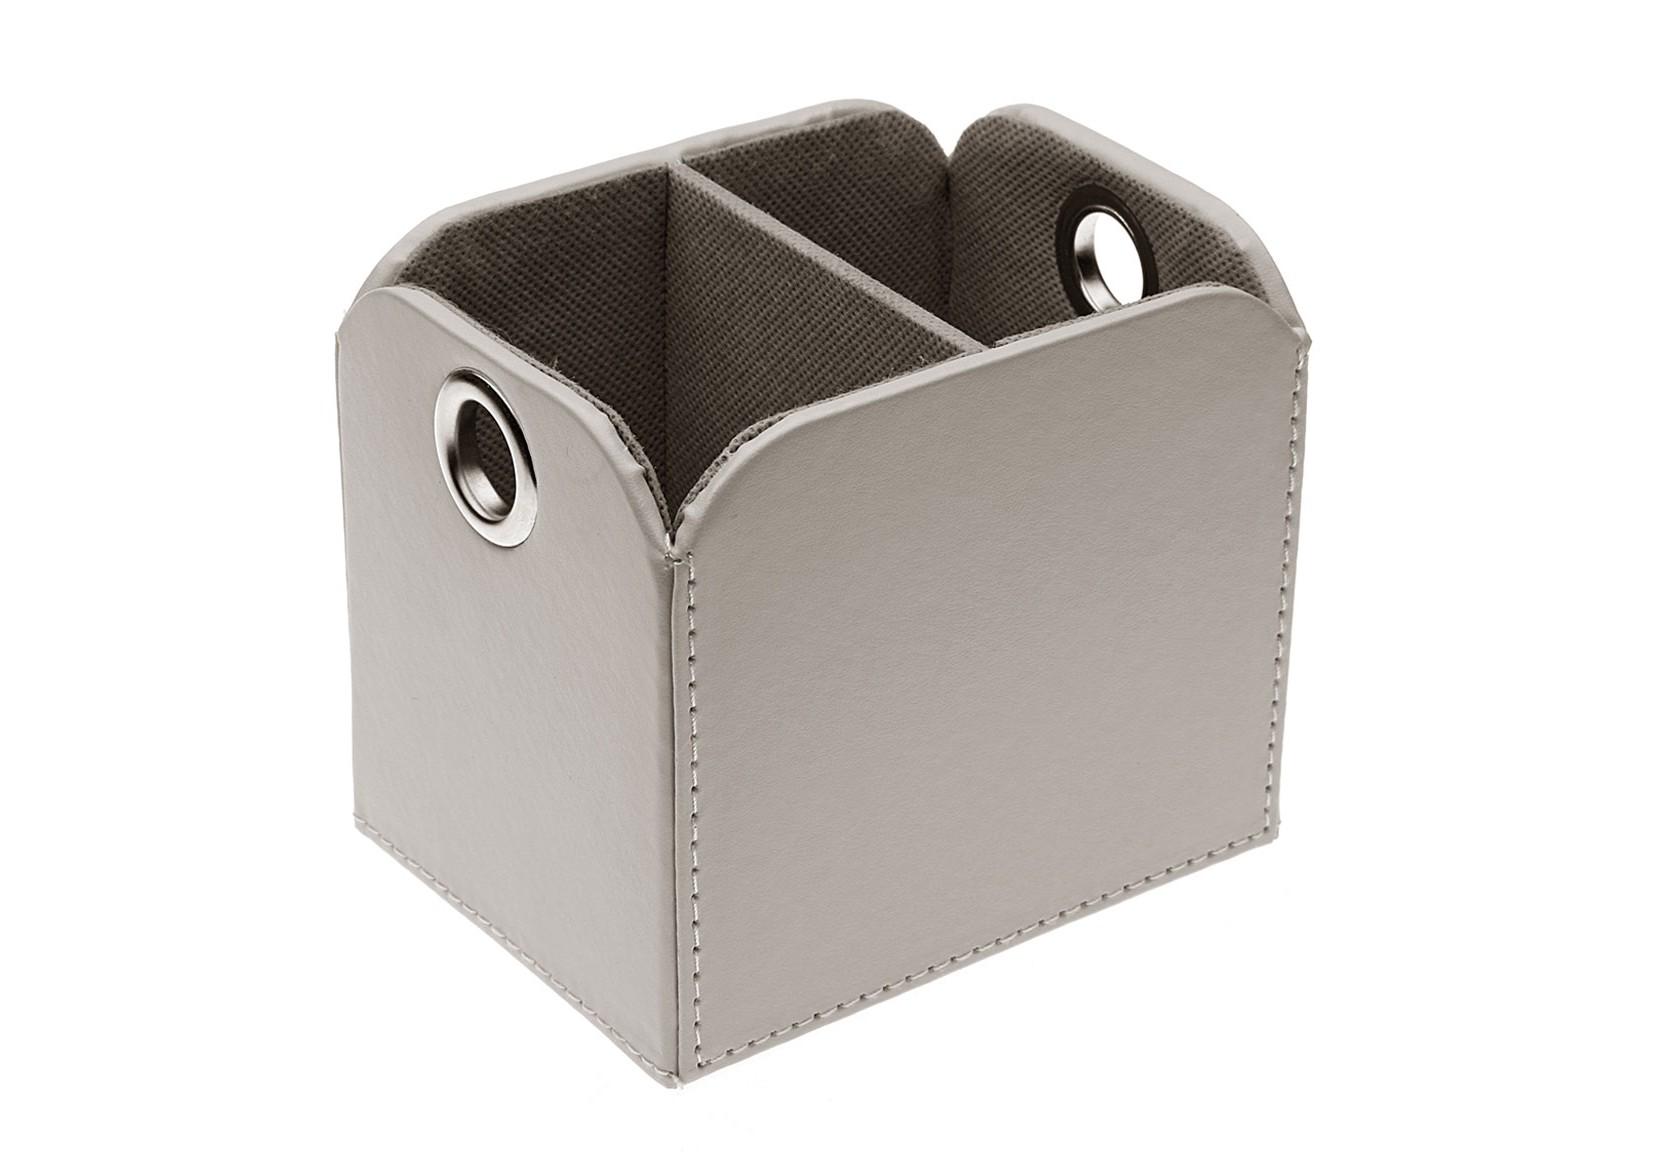 Короб для пульта и мелочейДругое<br><br><br>Material: Экокожа<br>Ширина см: 12.0<br>Высота см: 9.5<br>Глубина см: 10.5